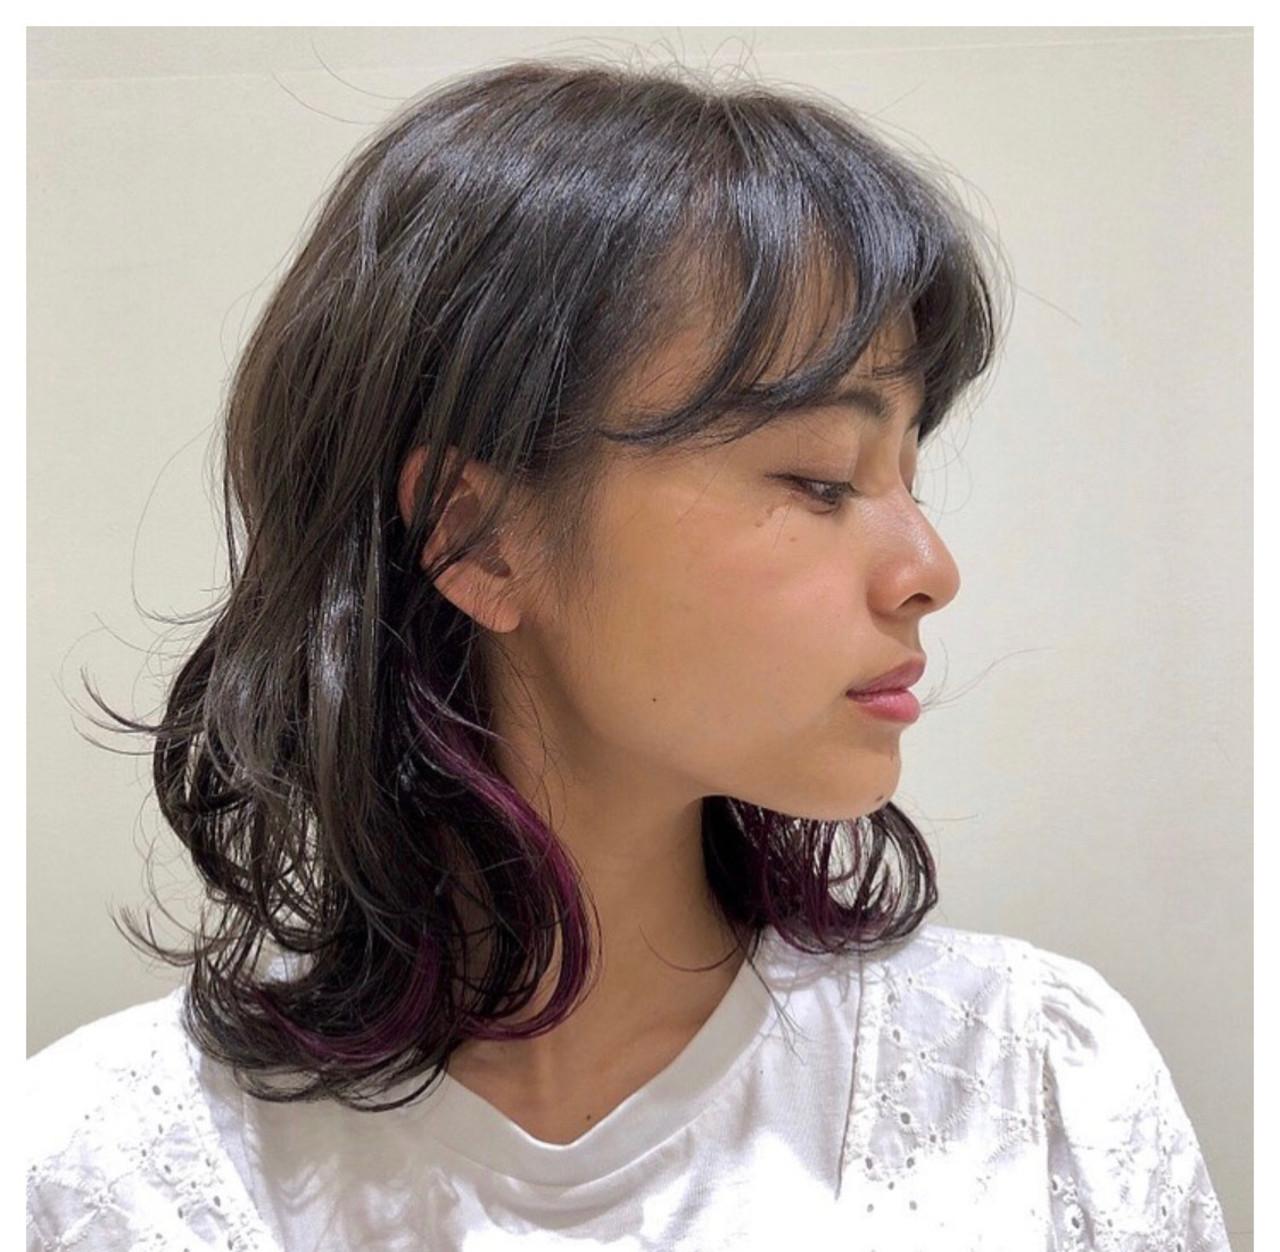 インナーカラー ミディアム ピンクカラー ポイントカラー ヘアスタイルや髪型の写真・画像